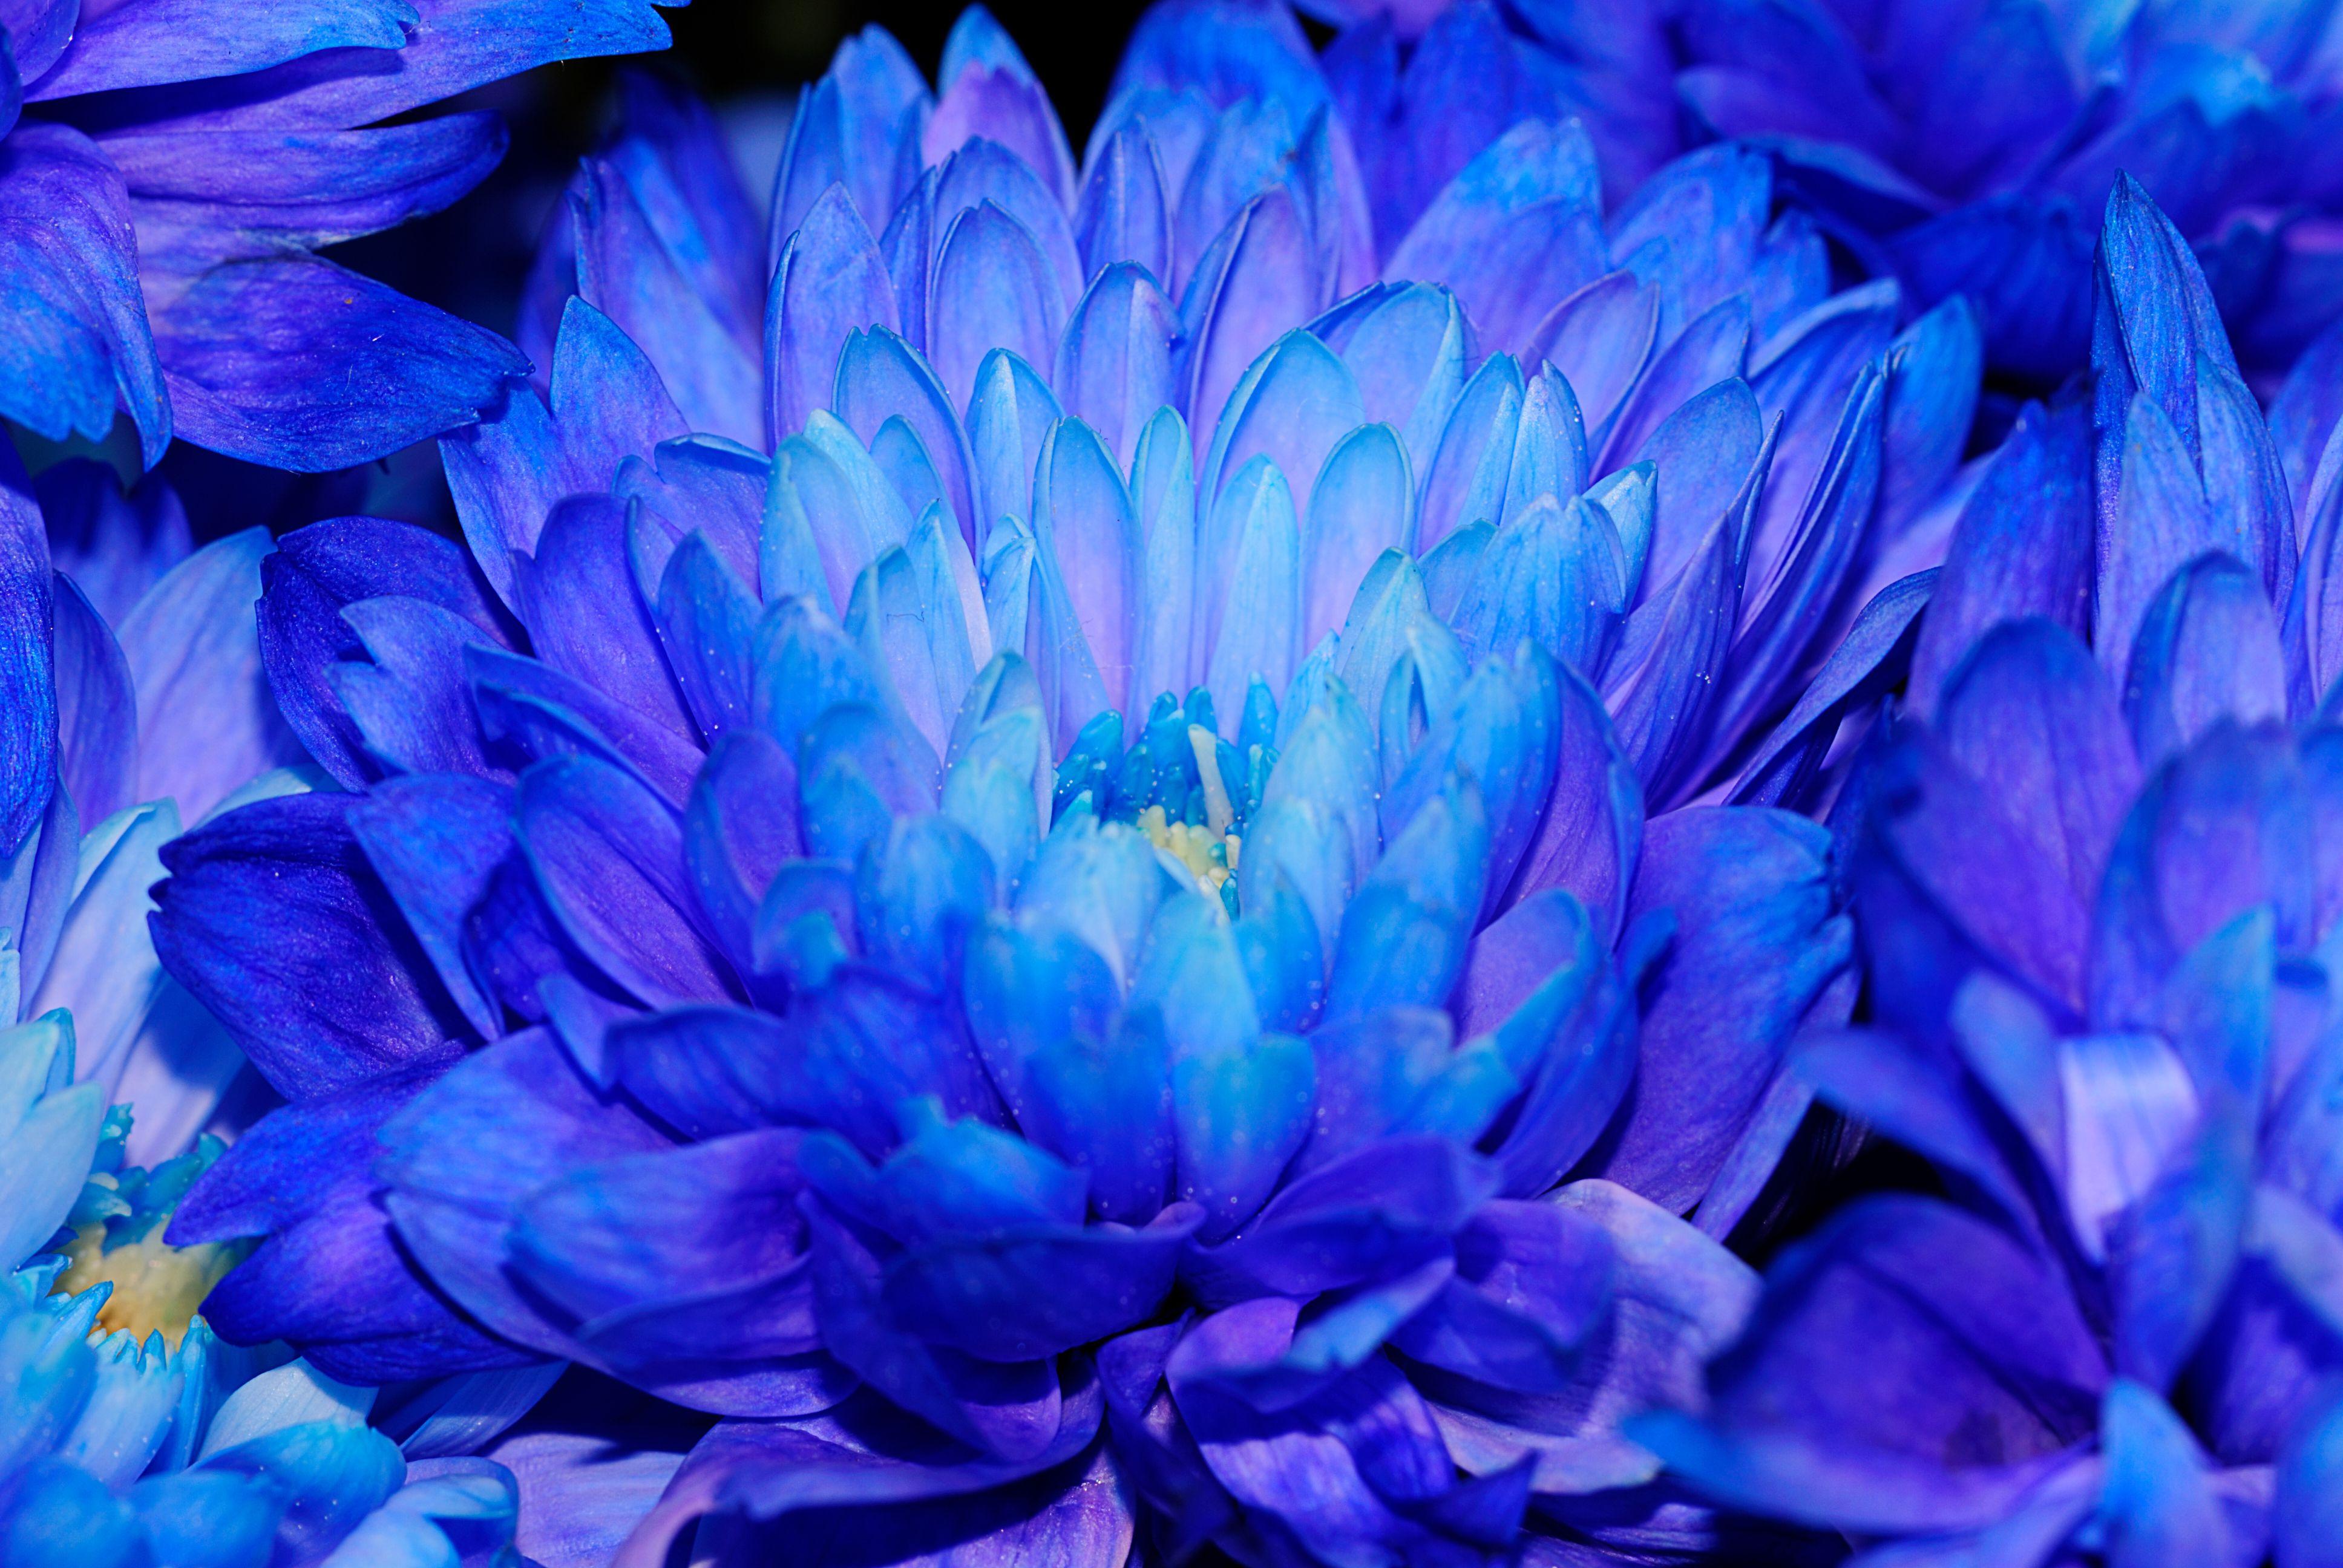 синий цвет фото картинки родилась